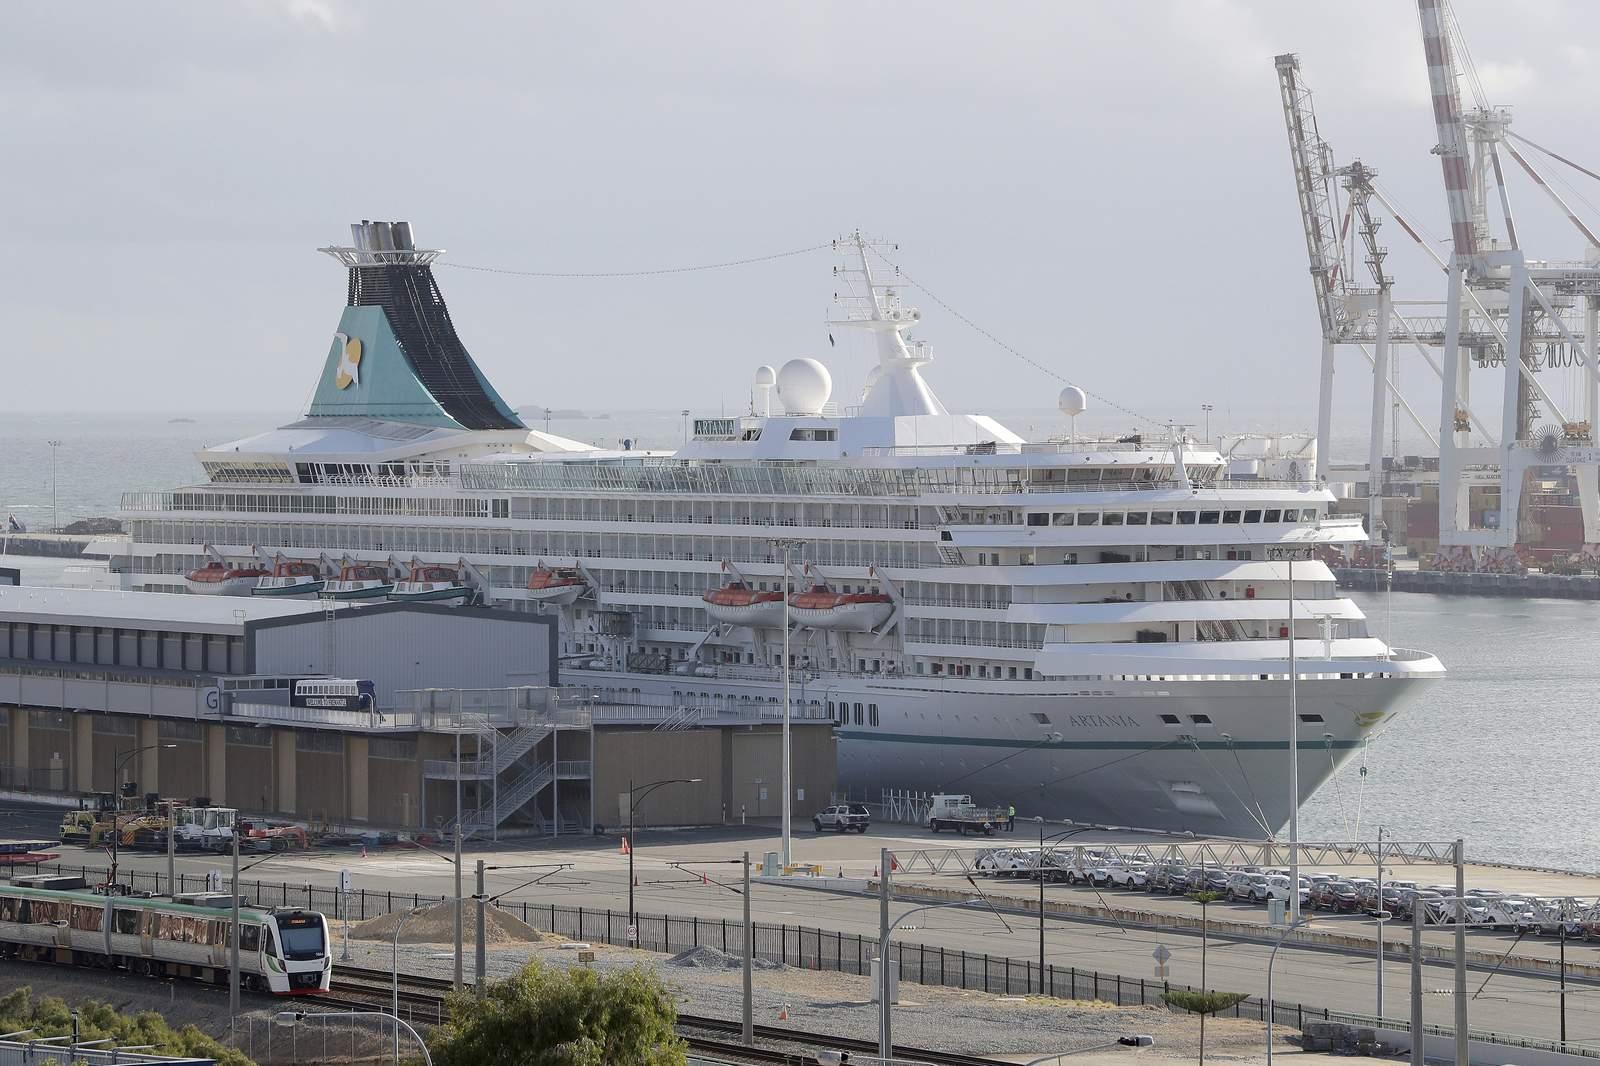 Australia se prepara para volar pasajeros de cruceros a Alemania 17